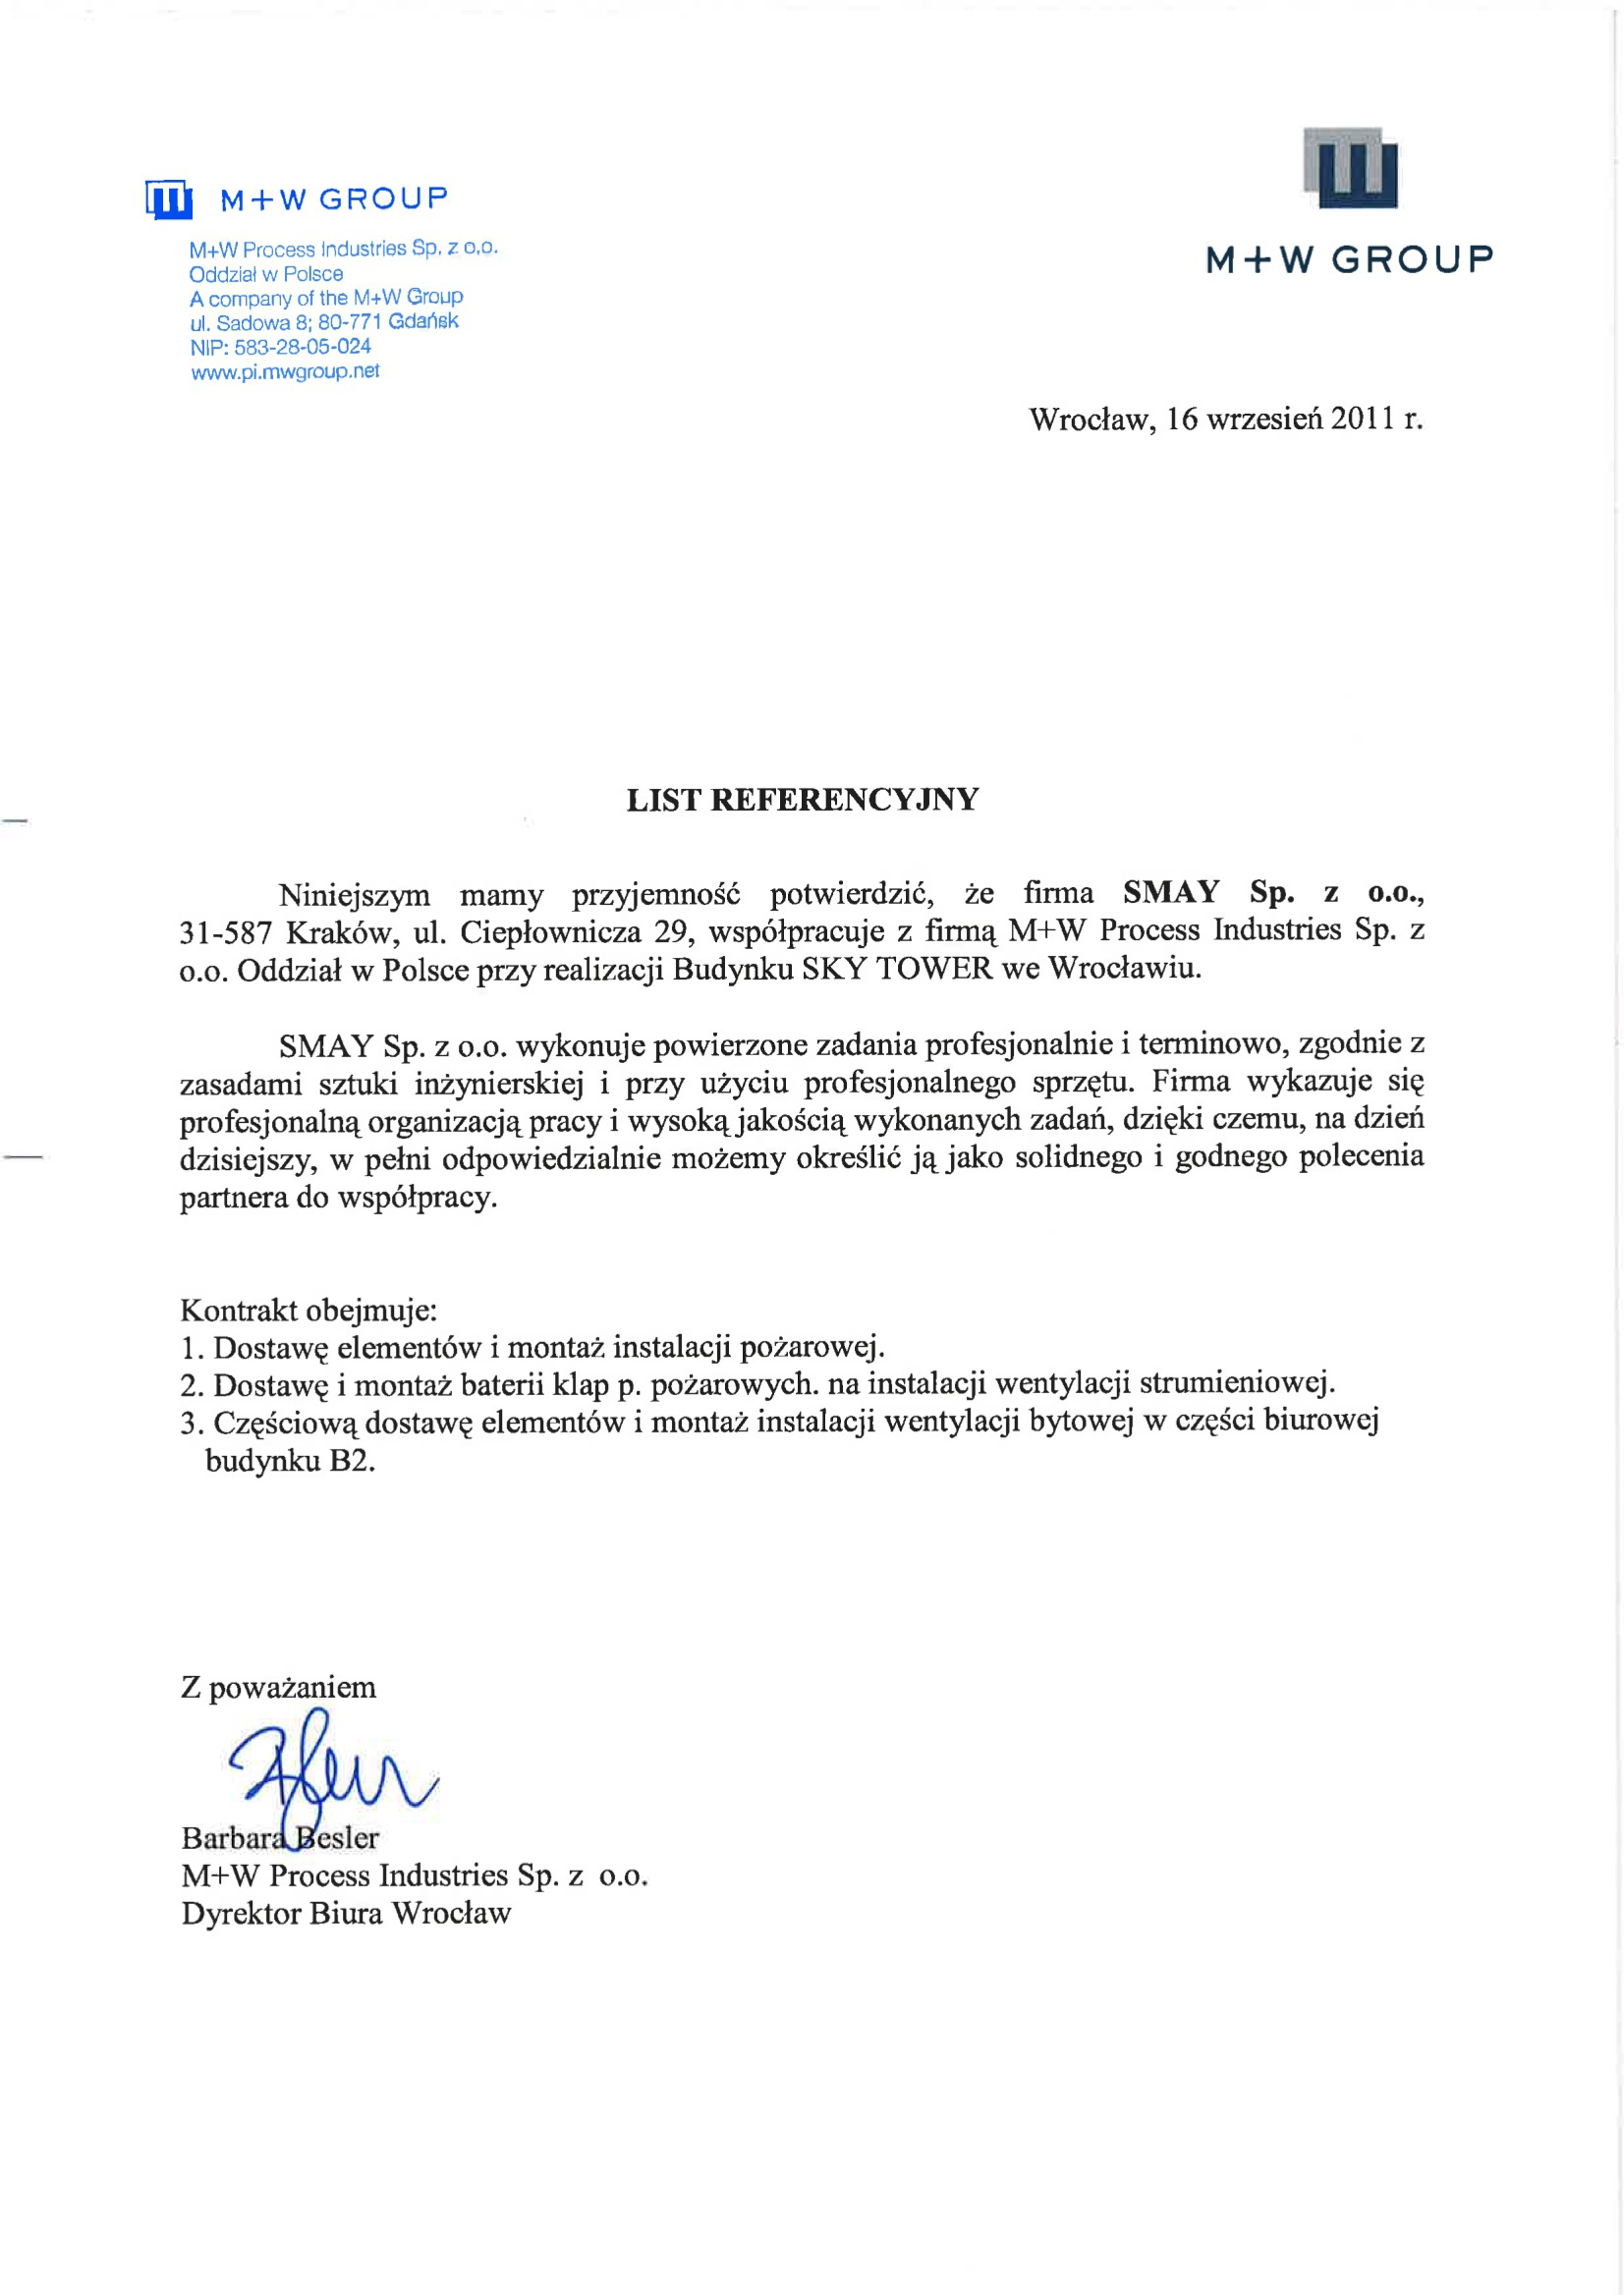 Referencja - M+W Process Industries Sp. z o.o.